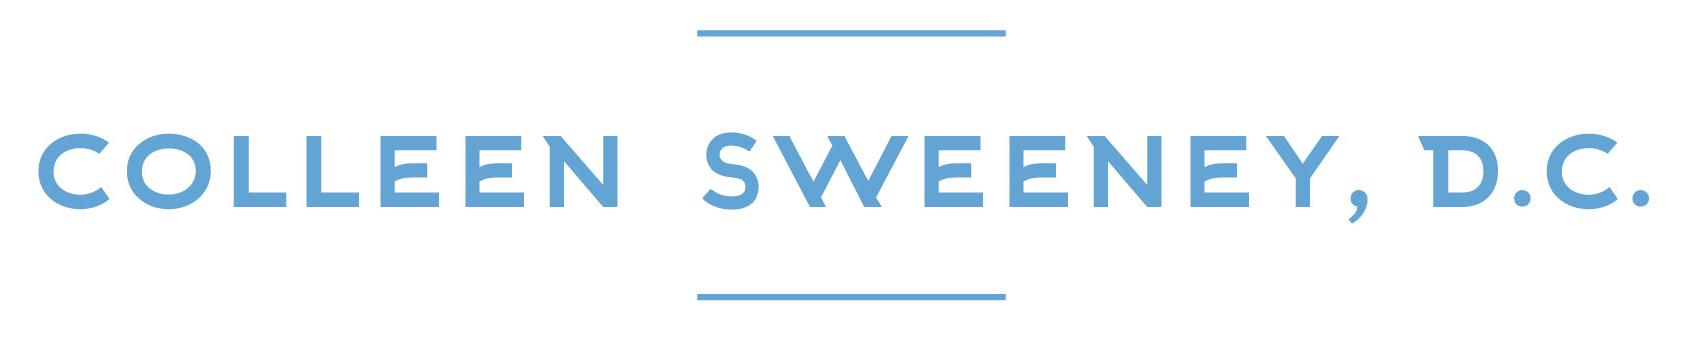 Colleen Sweeney, D.C.